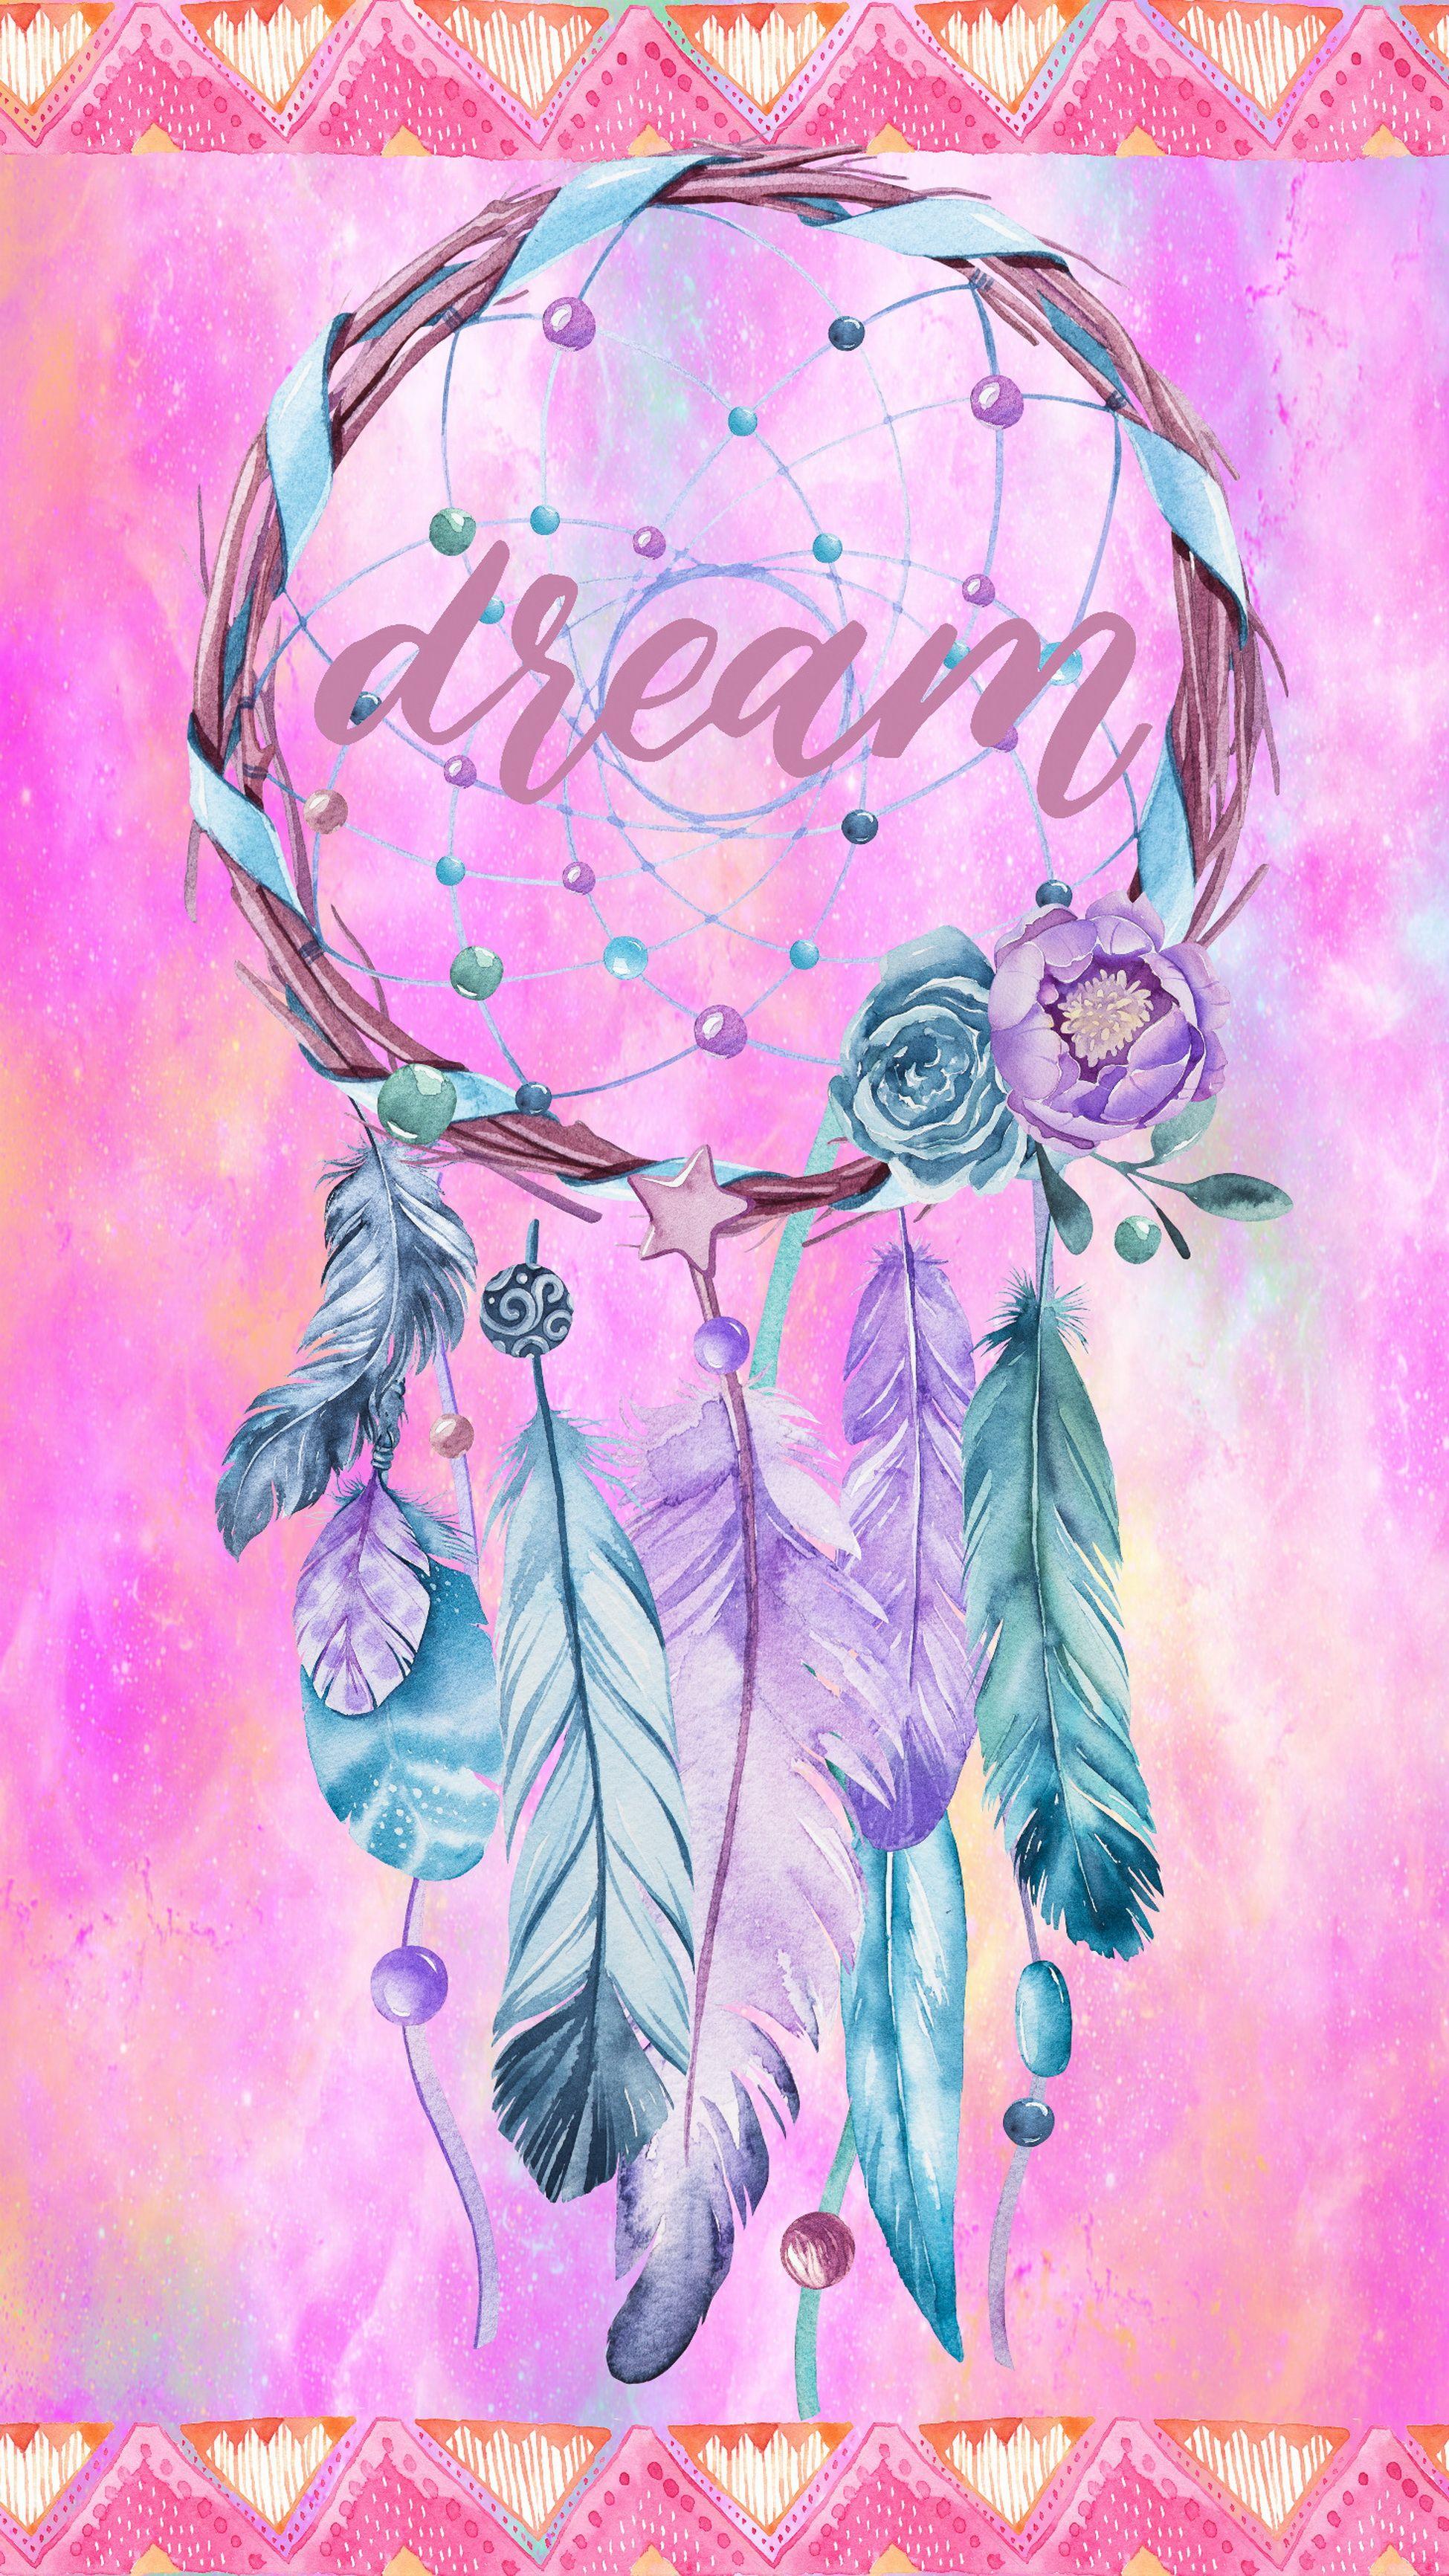 ᖱᖆᕨᗋᙢᓦᕢᖶᘹᖺᕧᖇ Dreamcatcher wallpaper, Dream catcher art